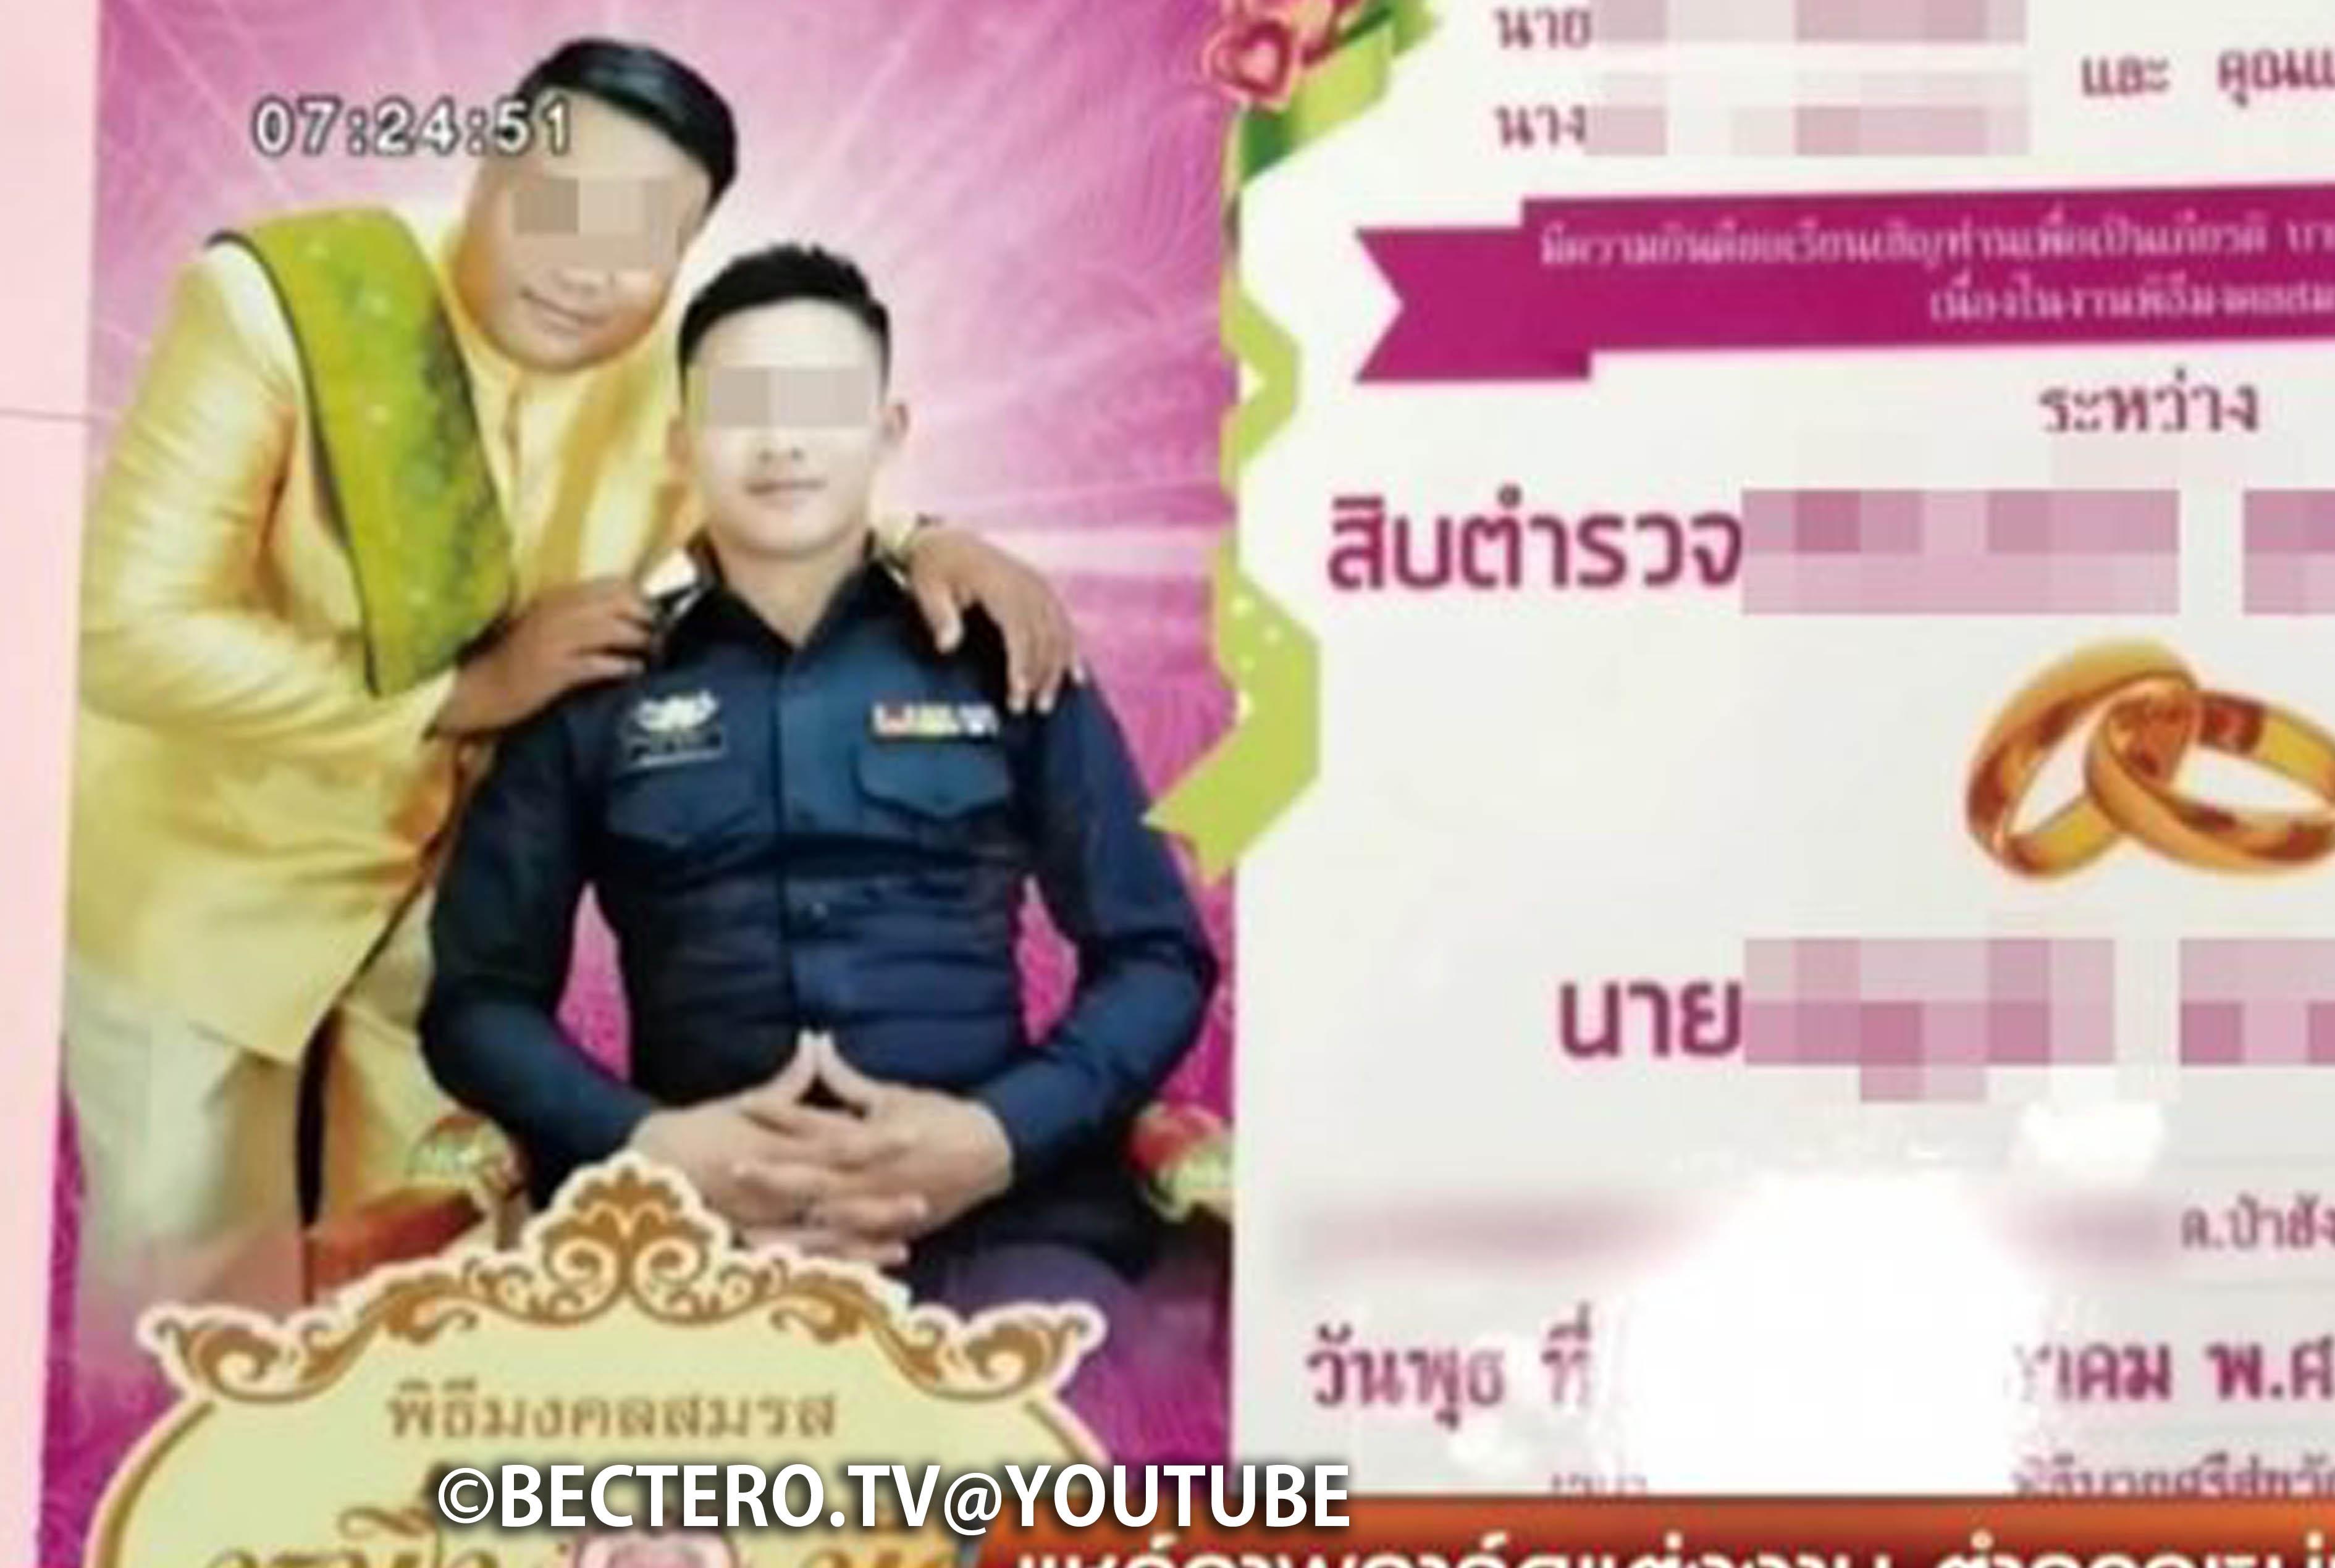 タイのLGBT実情 - ワイズデジタル【タイで生活する人のための情報サイト】